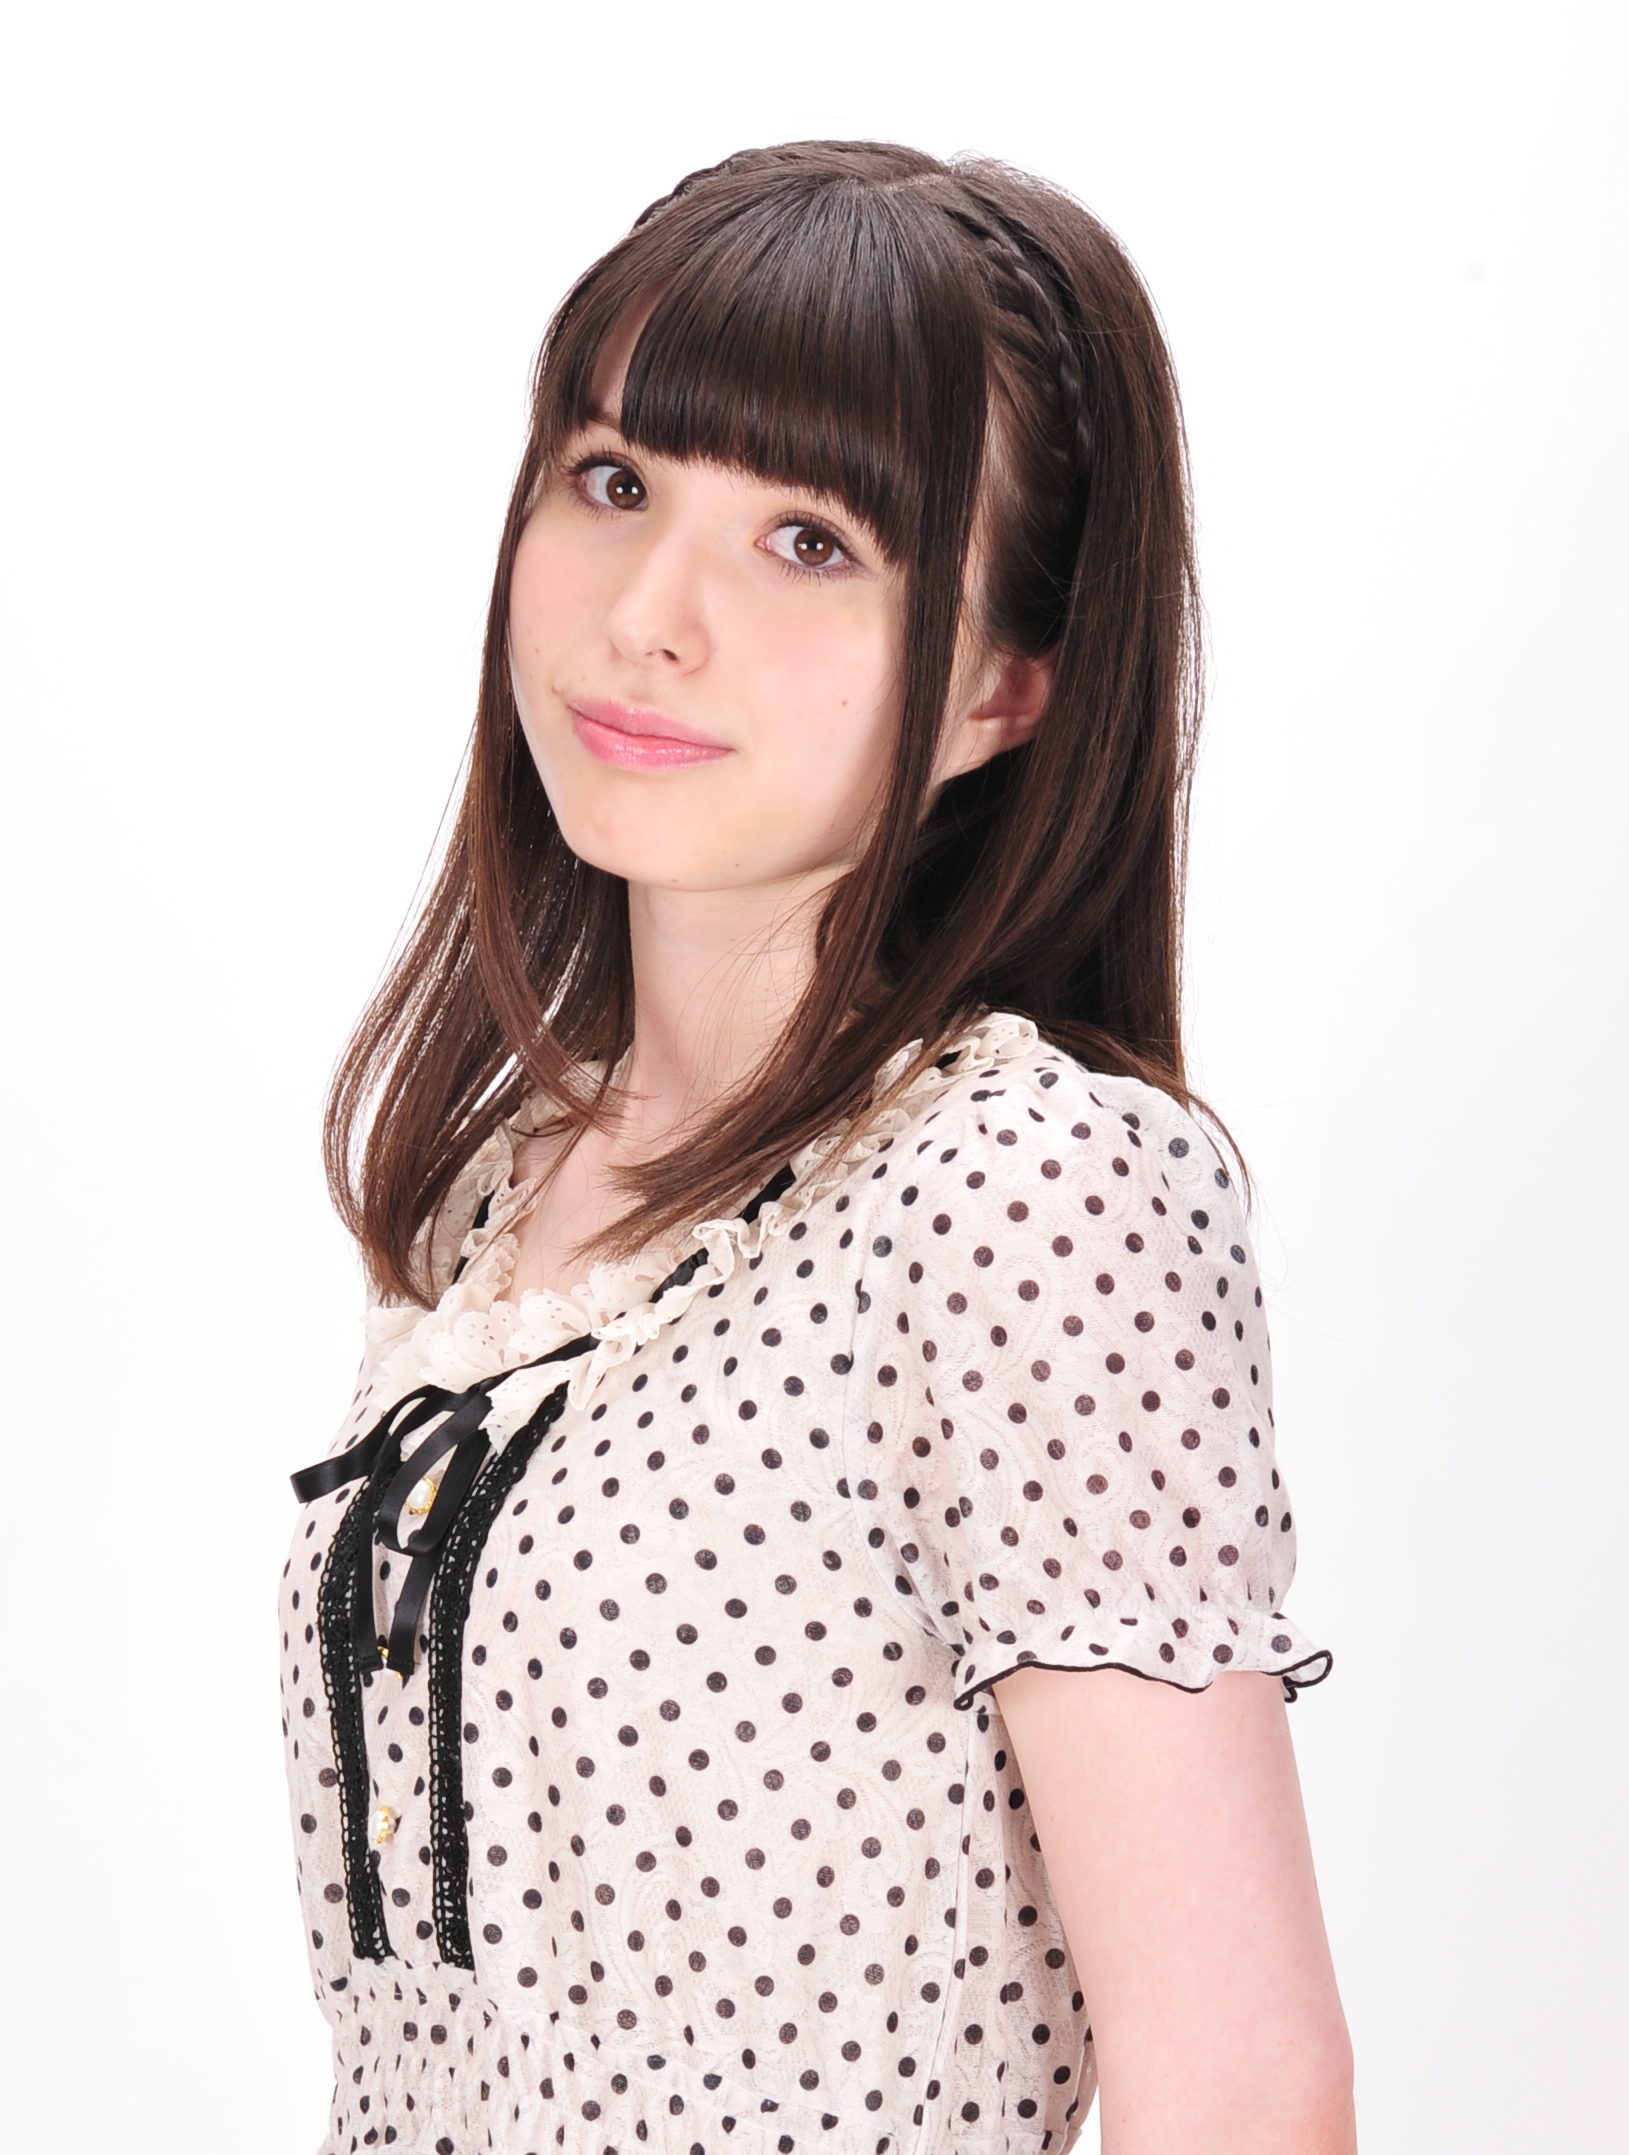 ブリドカットセーラ恵美の画像 p1_39